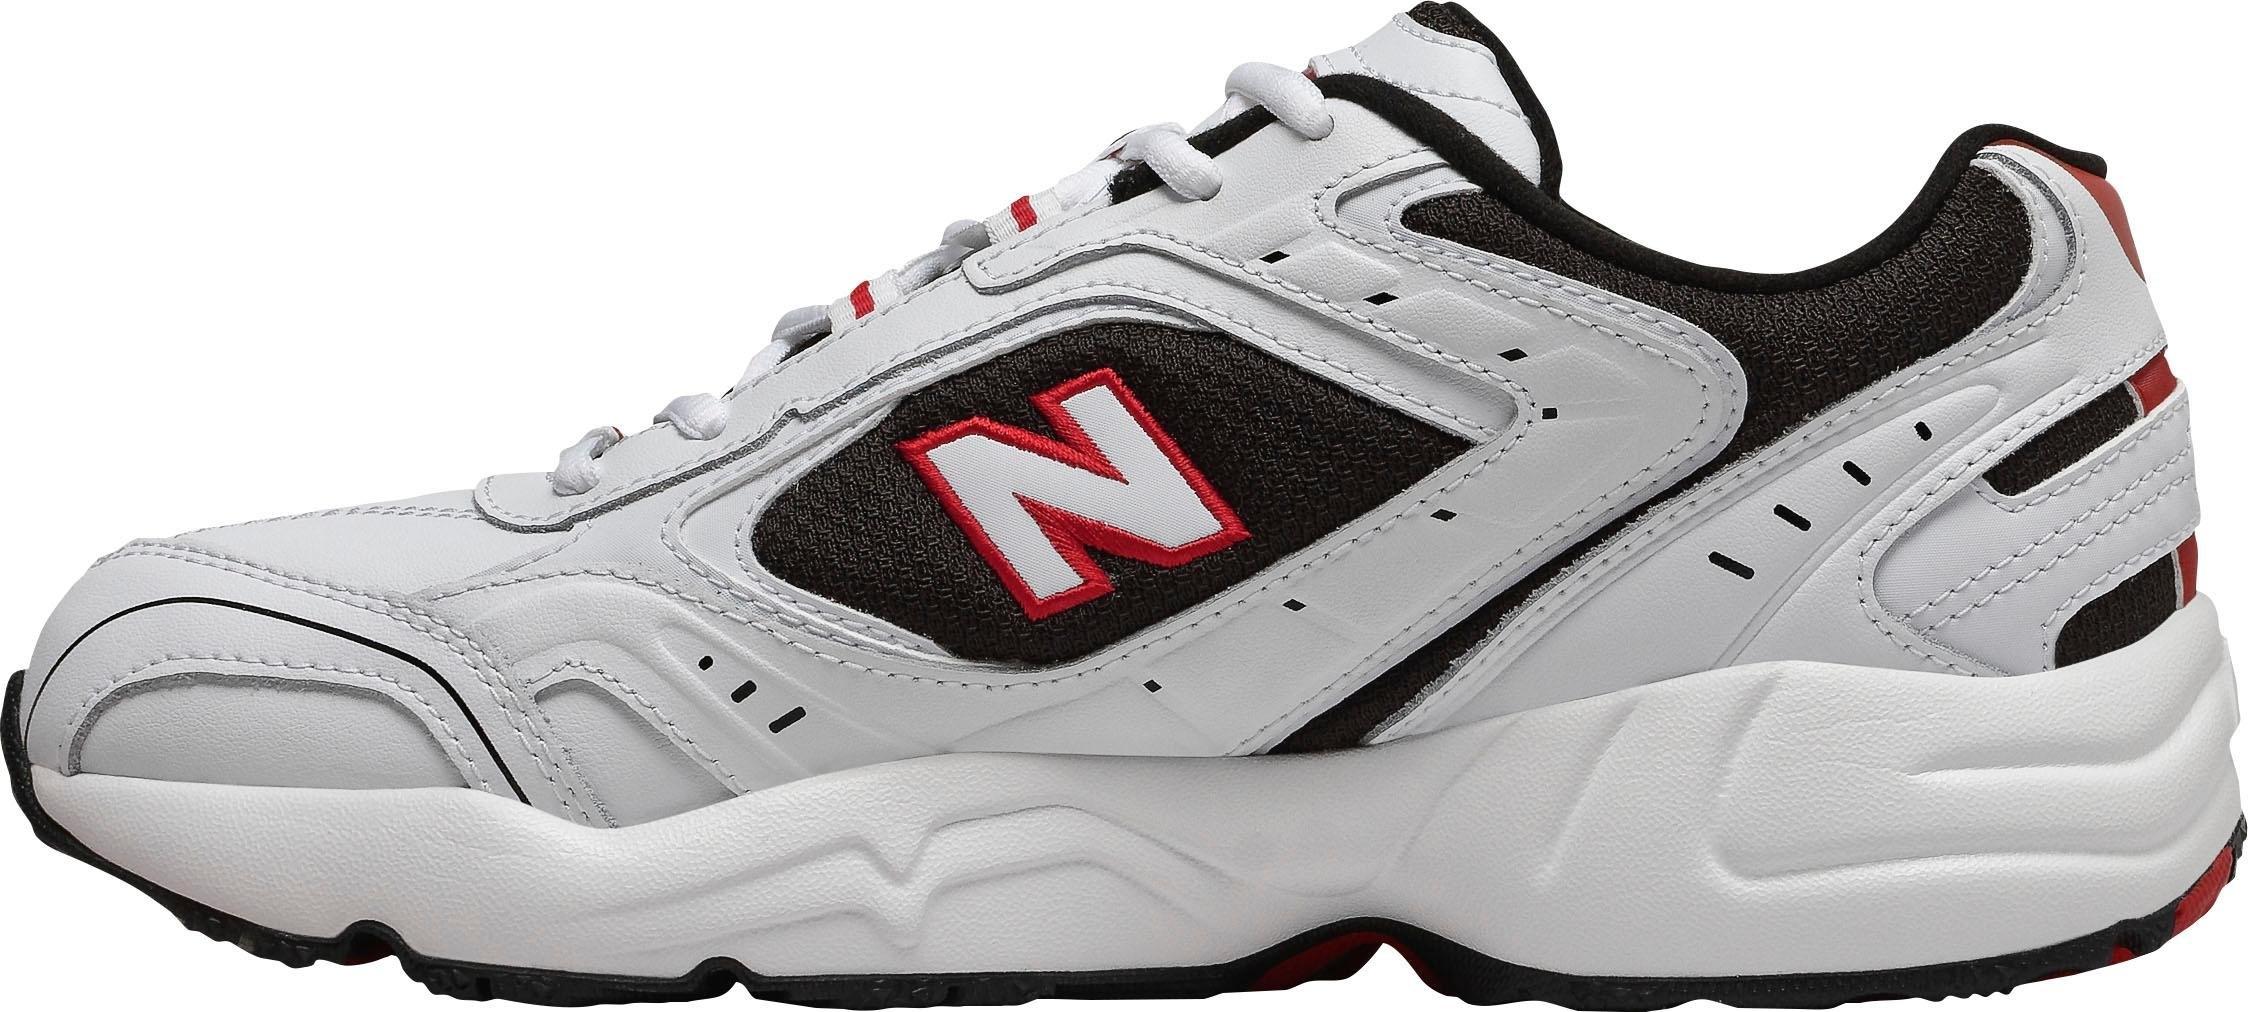 new balance sneakers »MX 452« veilig op otto.nl kopen